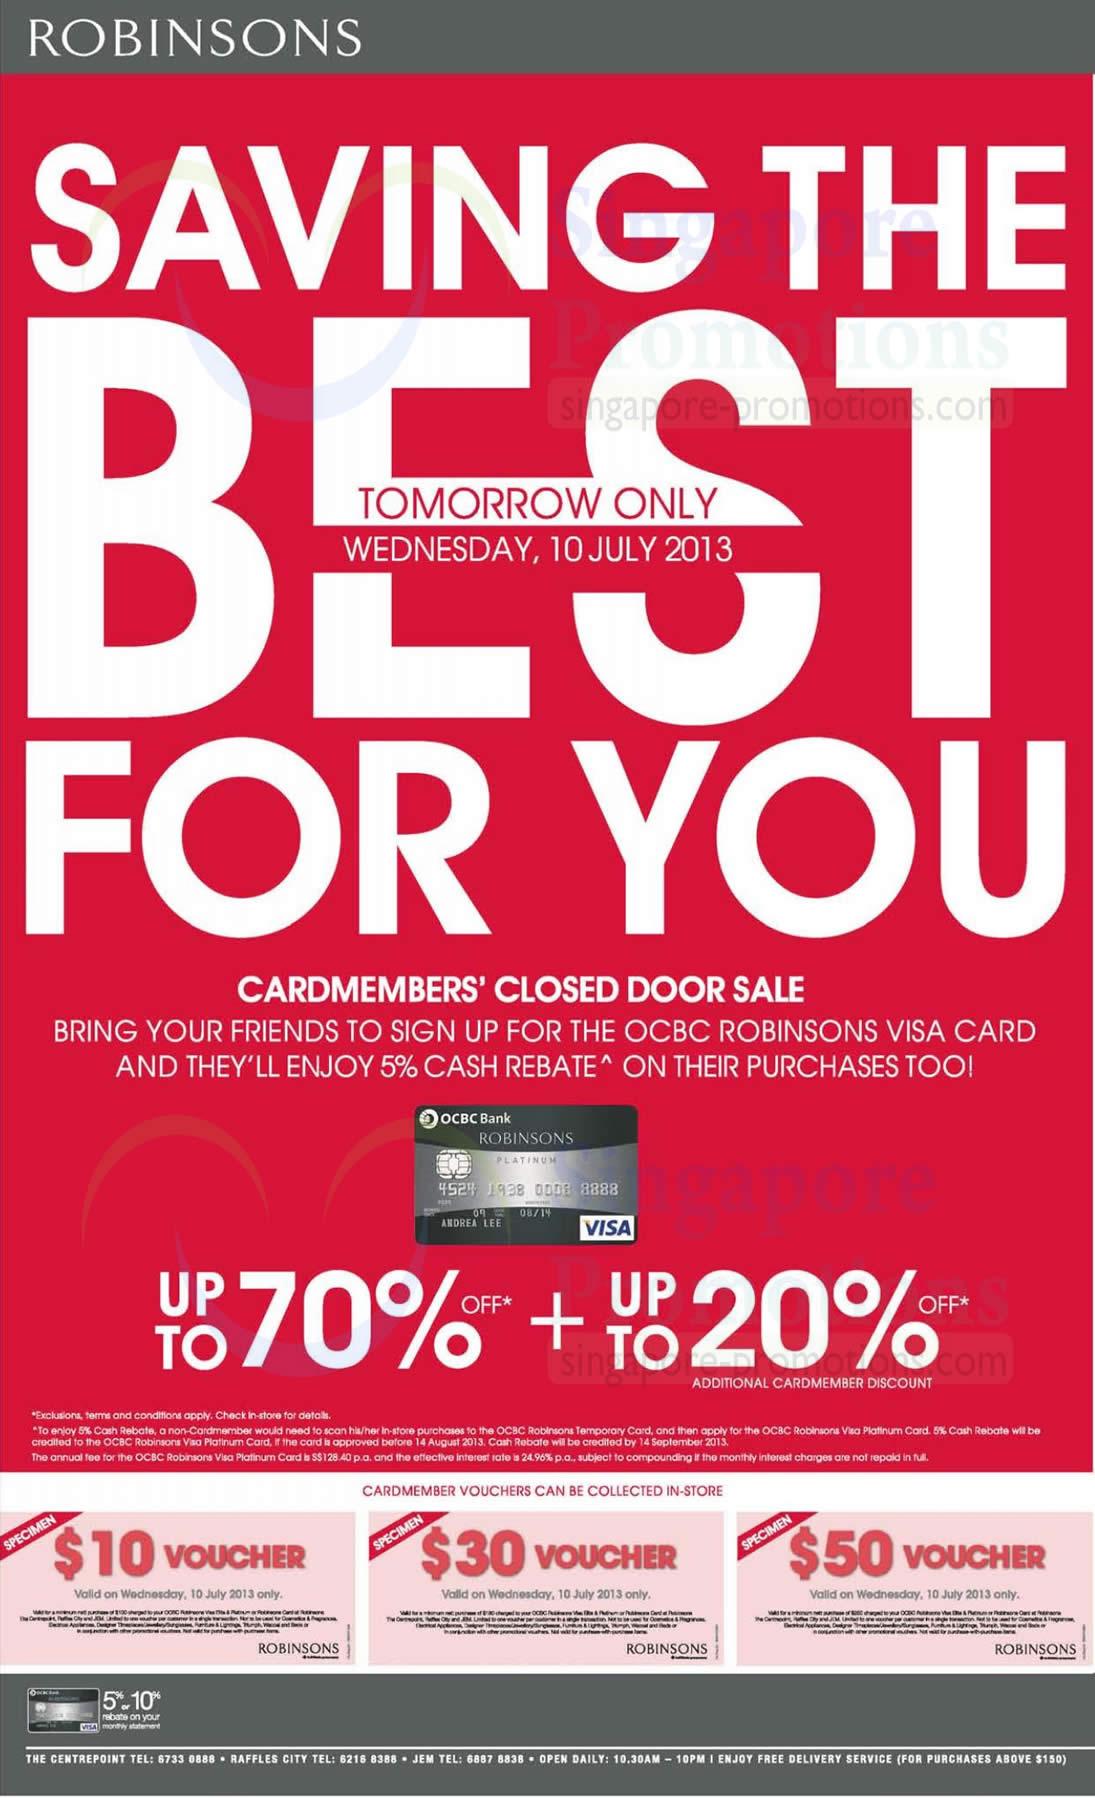 Wednesday Cardmember Special, Closed Door Sale